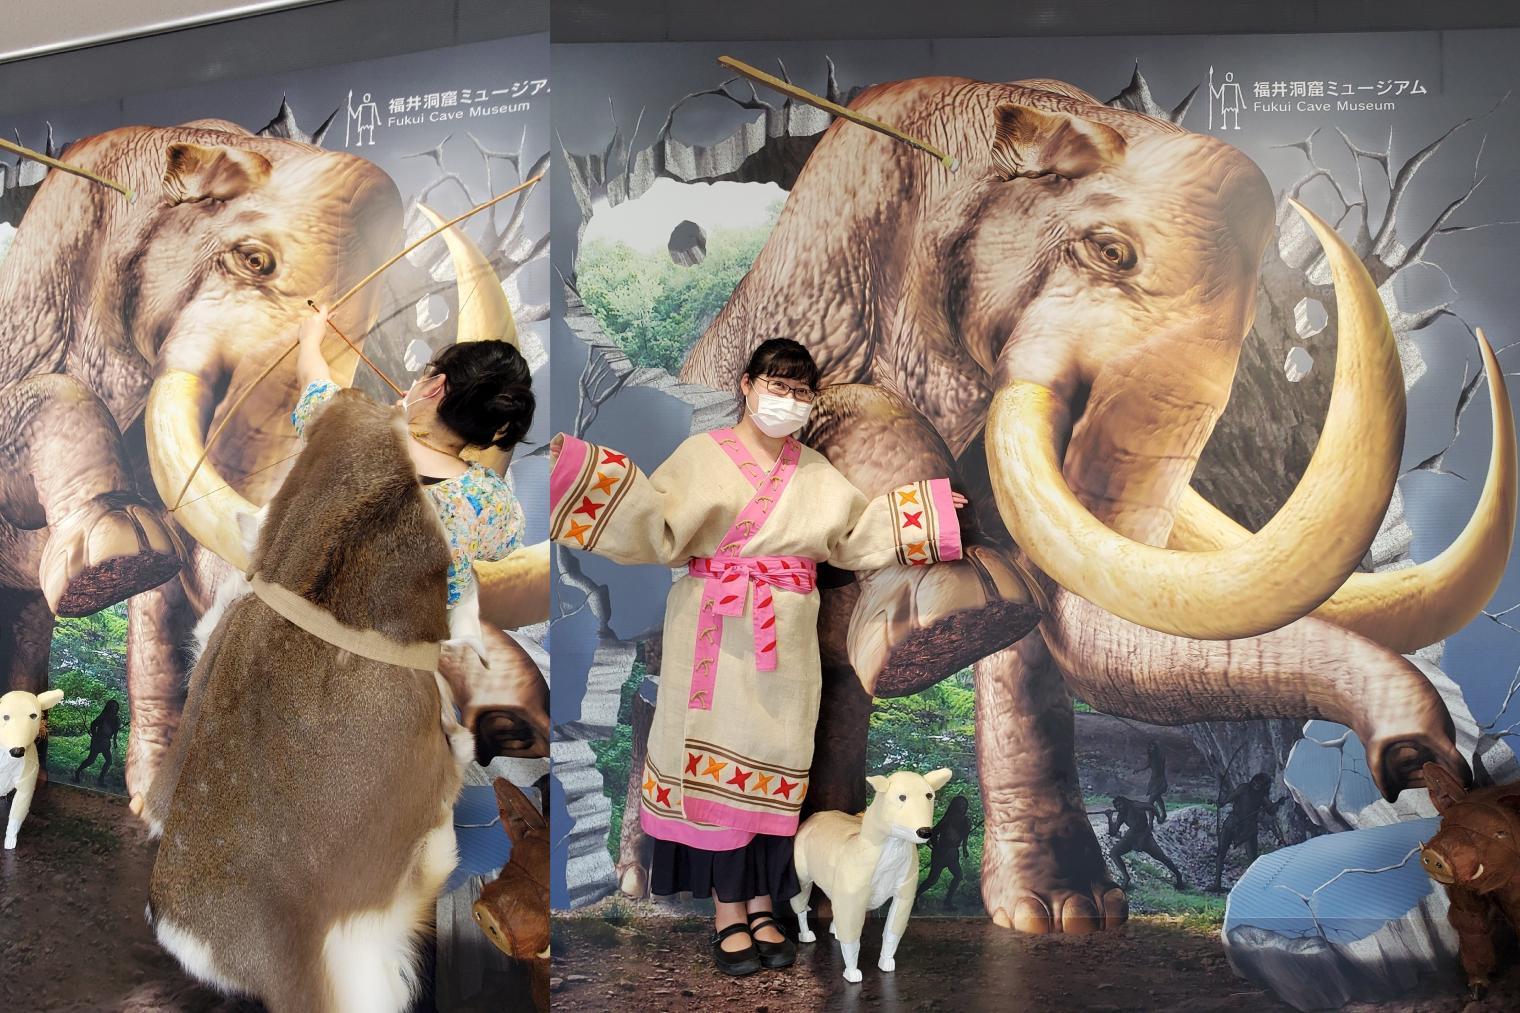 コスプレ衣装でナウマン象と2ショット!-0